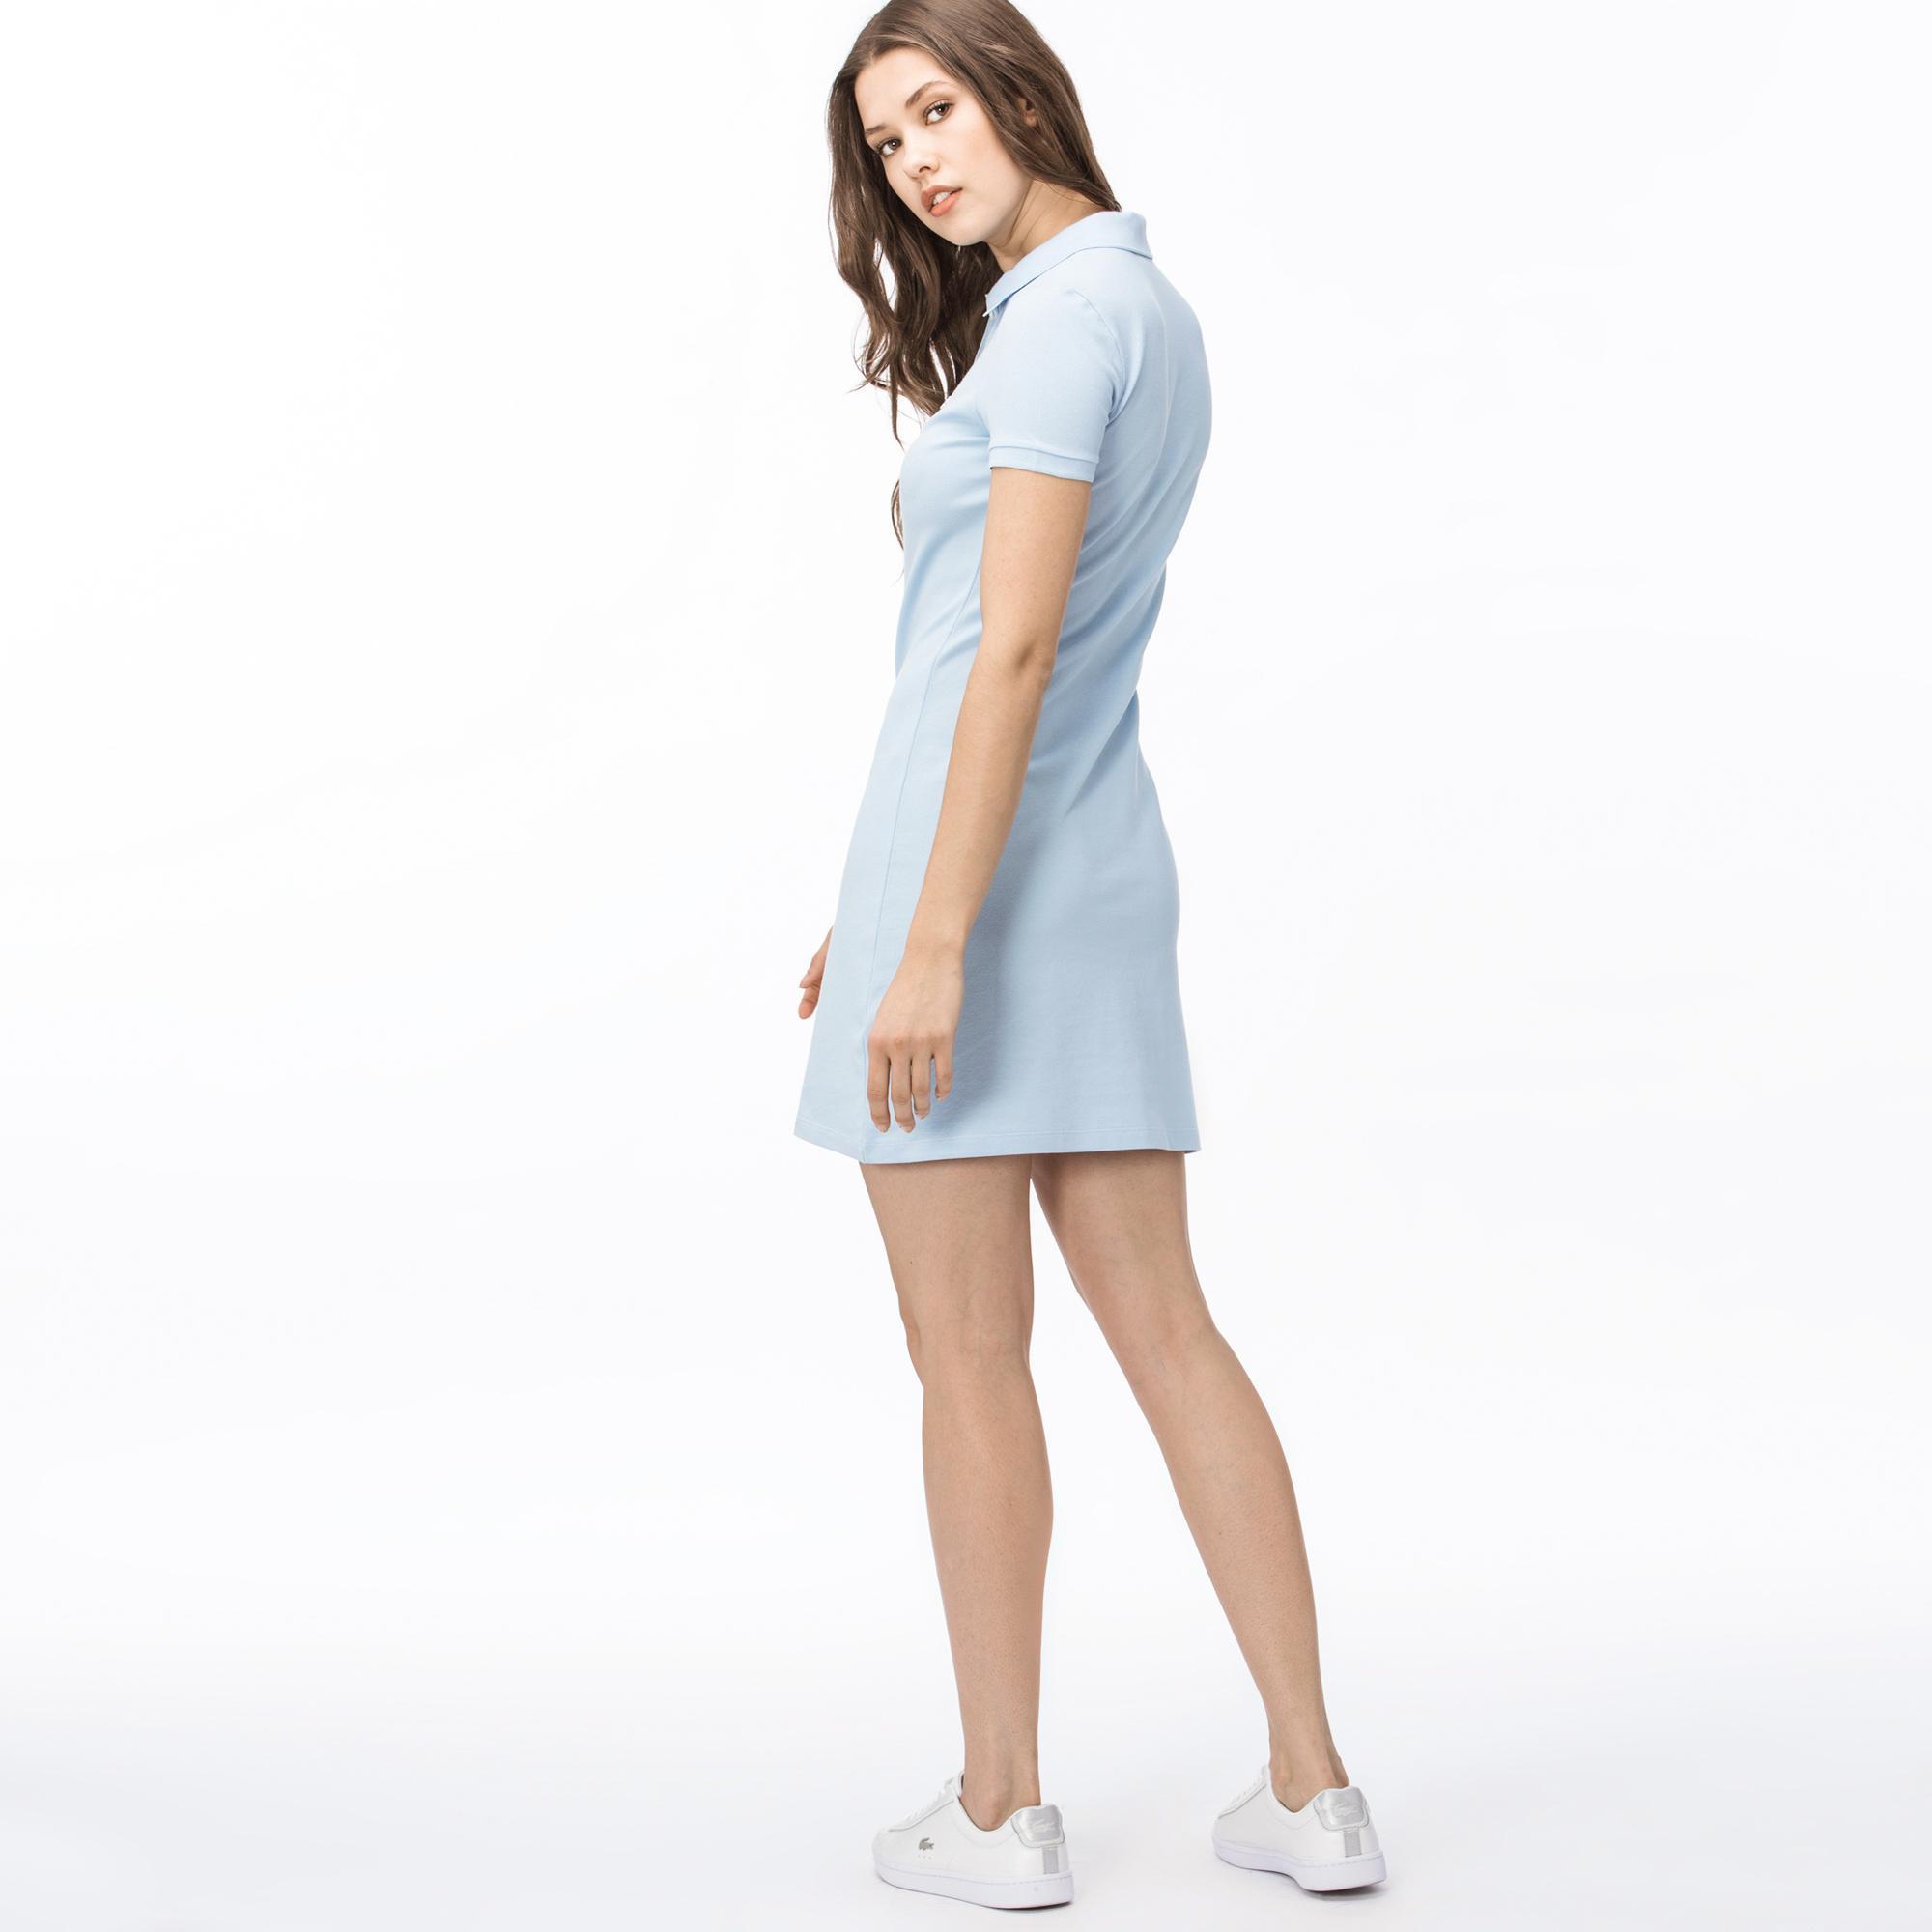 Lacoste Kadın Slim Fit Polo Yaka Açık Mavi Elbise